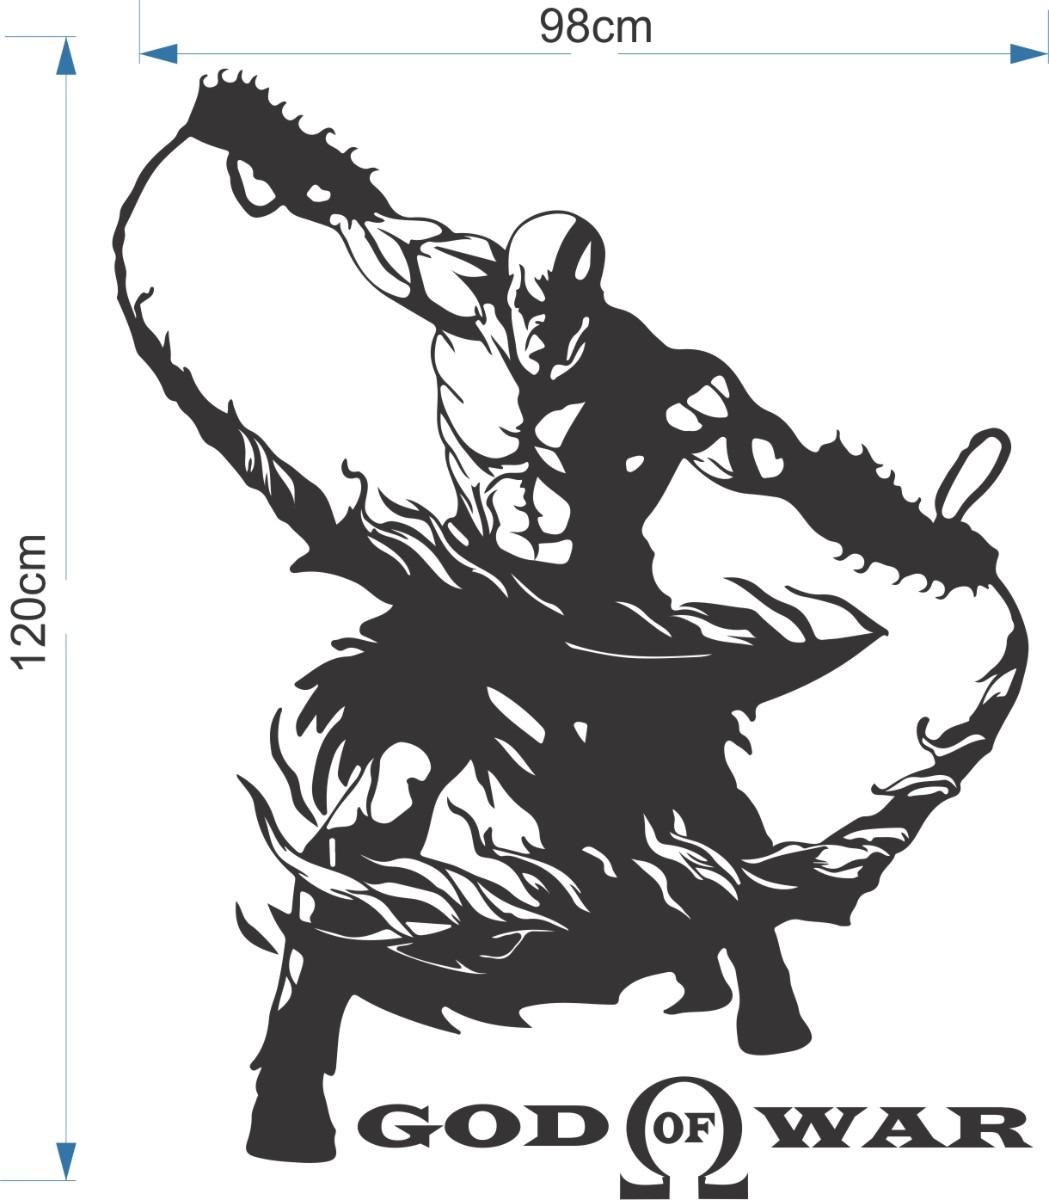 Mueble Aparador Gris Ceniza ~ Adesivo De Parede Kratos God Of War 120cmx98cm Frete Grátis R$ 94,89 em Mercado Livre